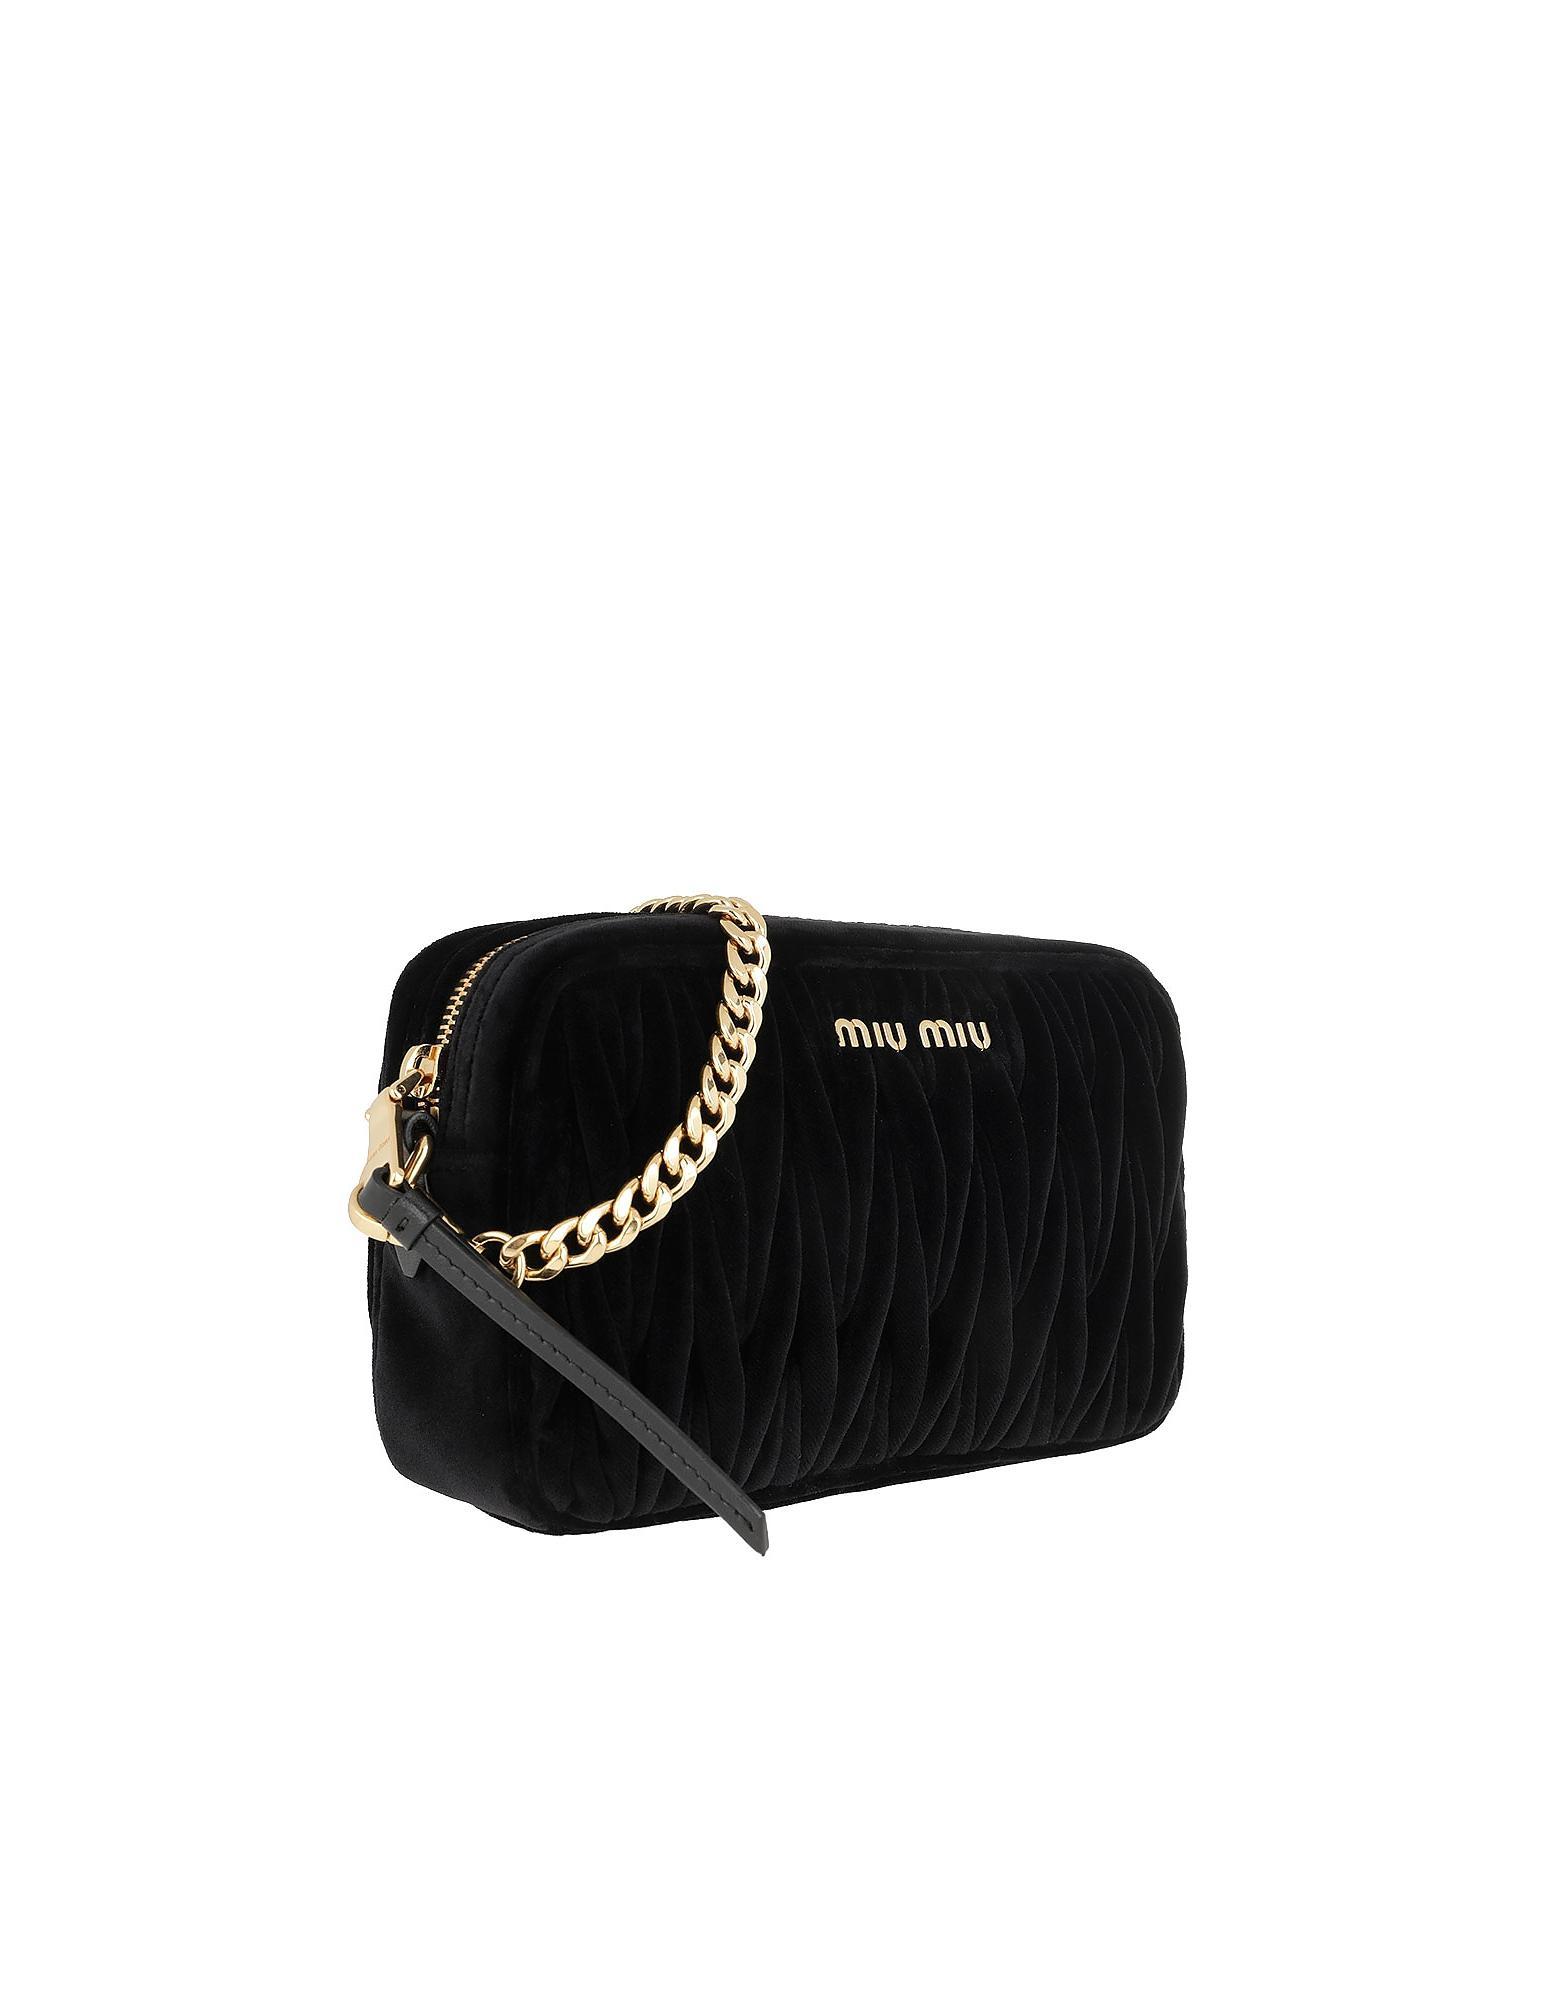 12c469c175b2 Miu Miu Matelassé Shoulder Bag Velvet Black in Black - Lyst